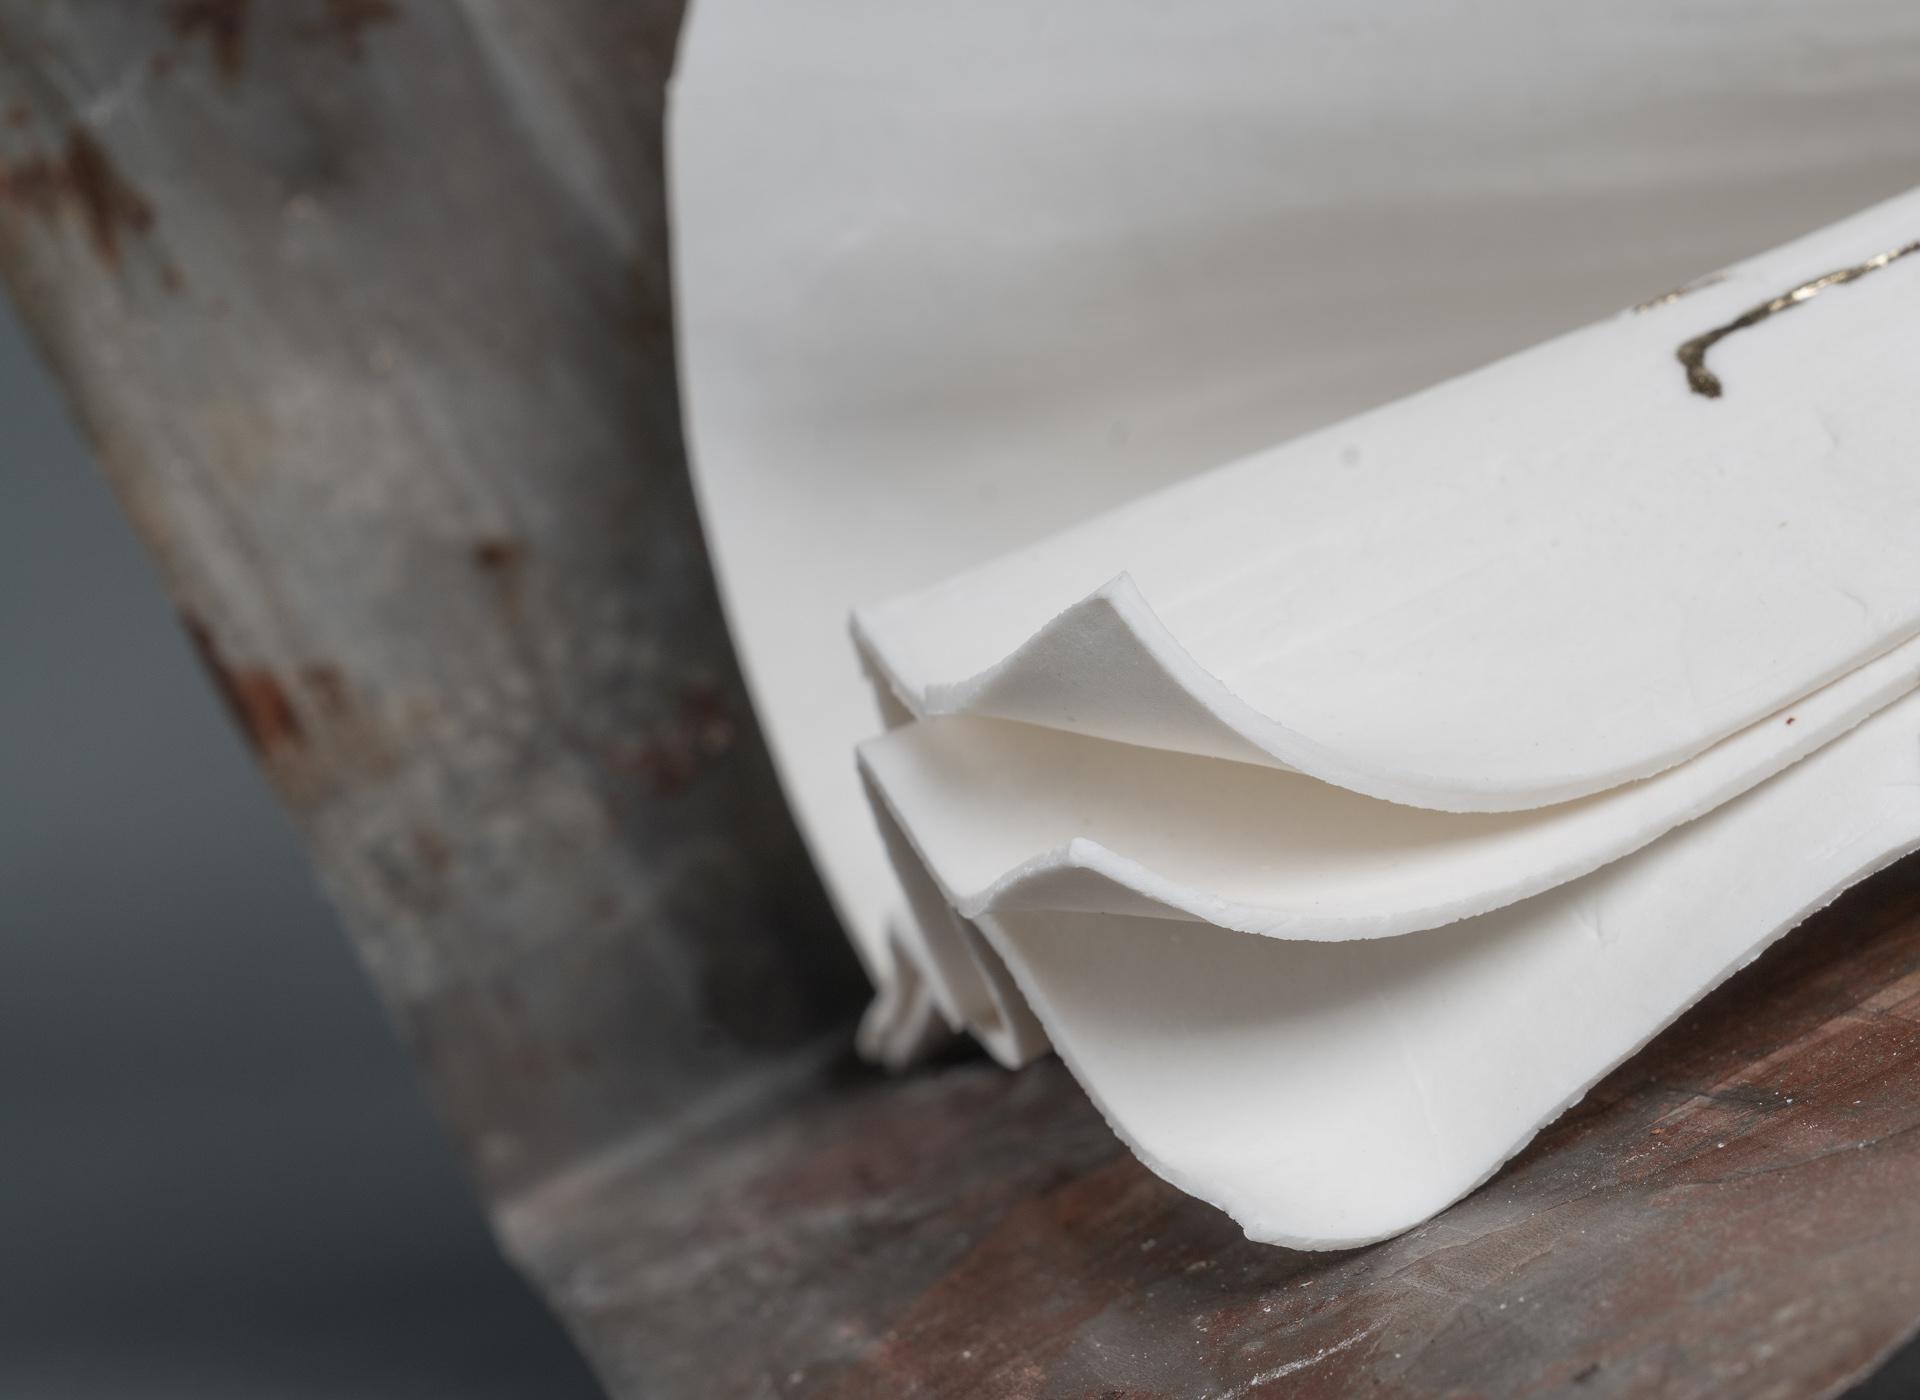 porcelain, iron, kintsugi - 2019